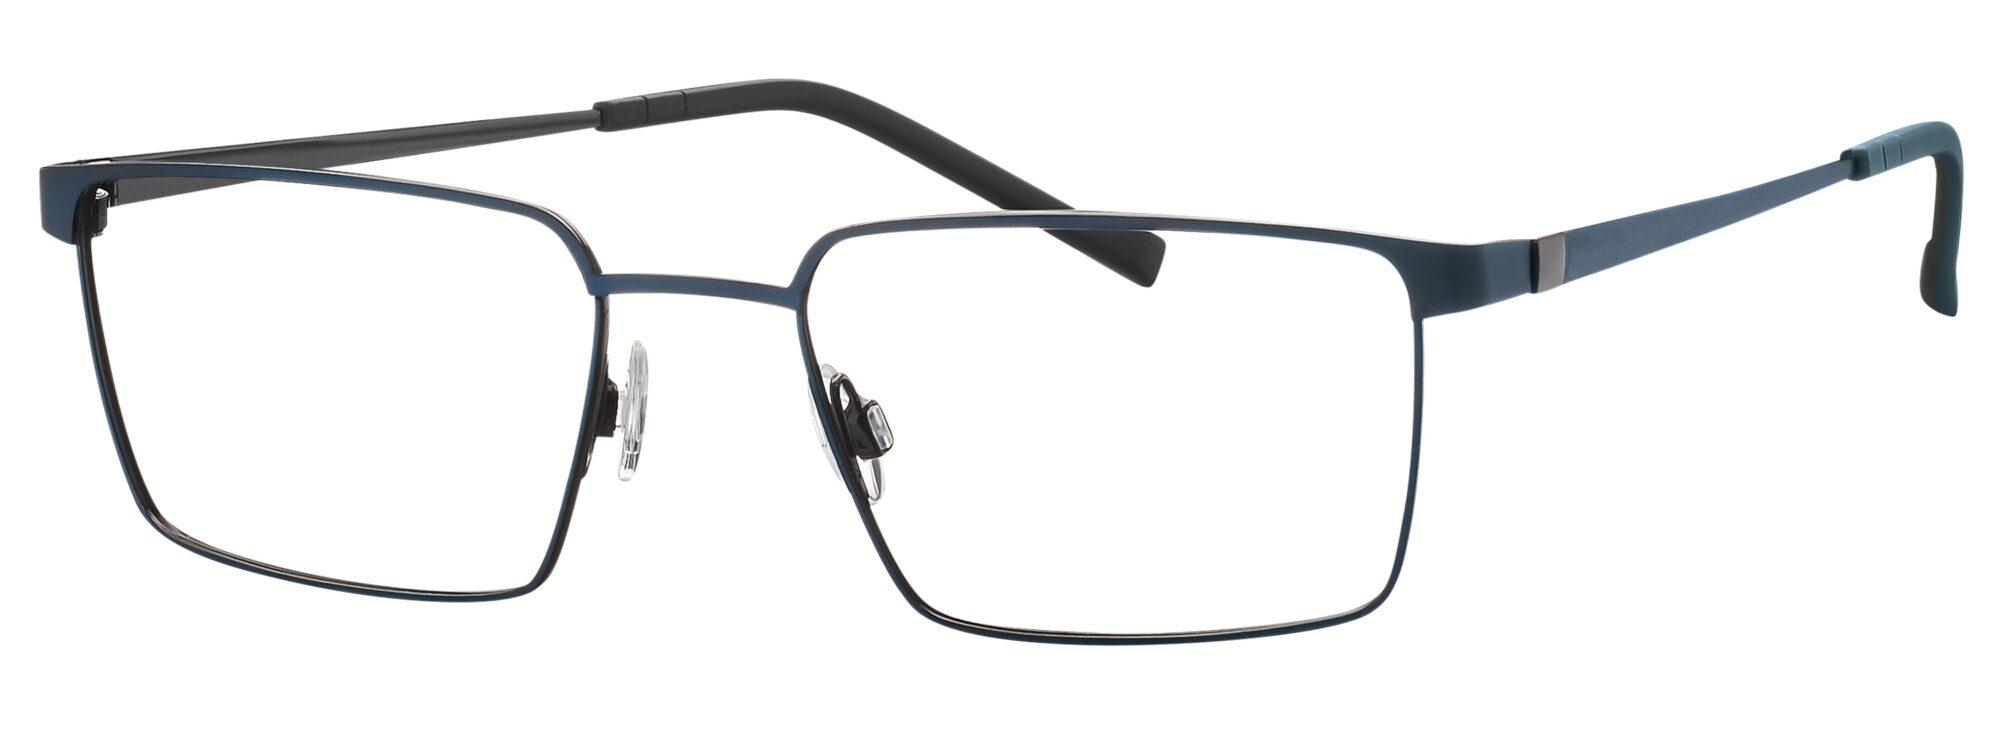 TITANFLEX - 850092-70